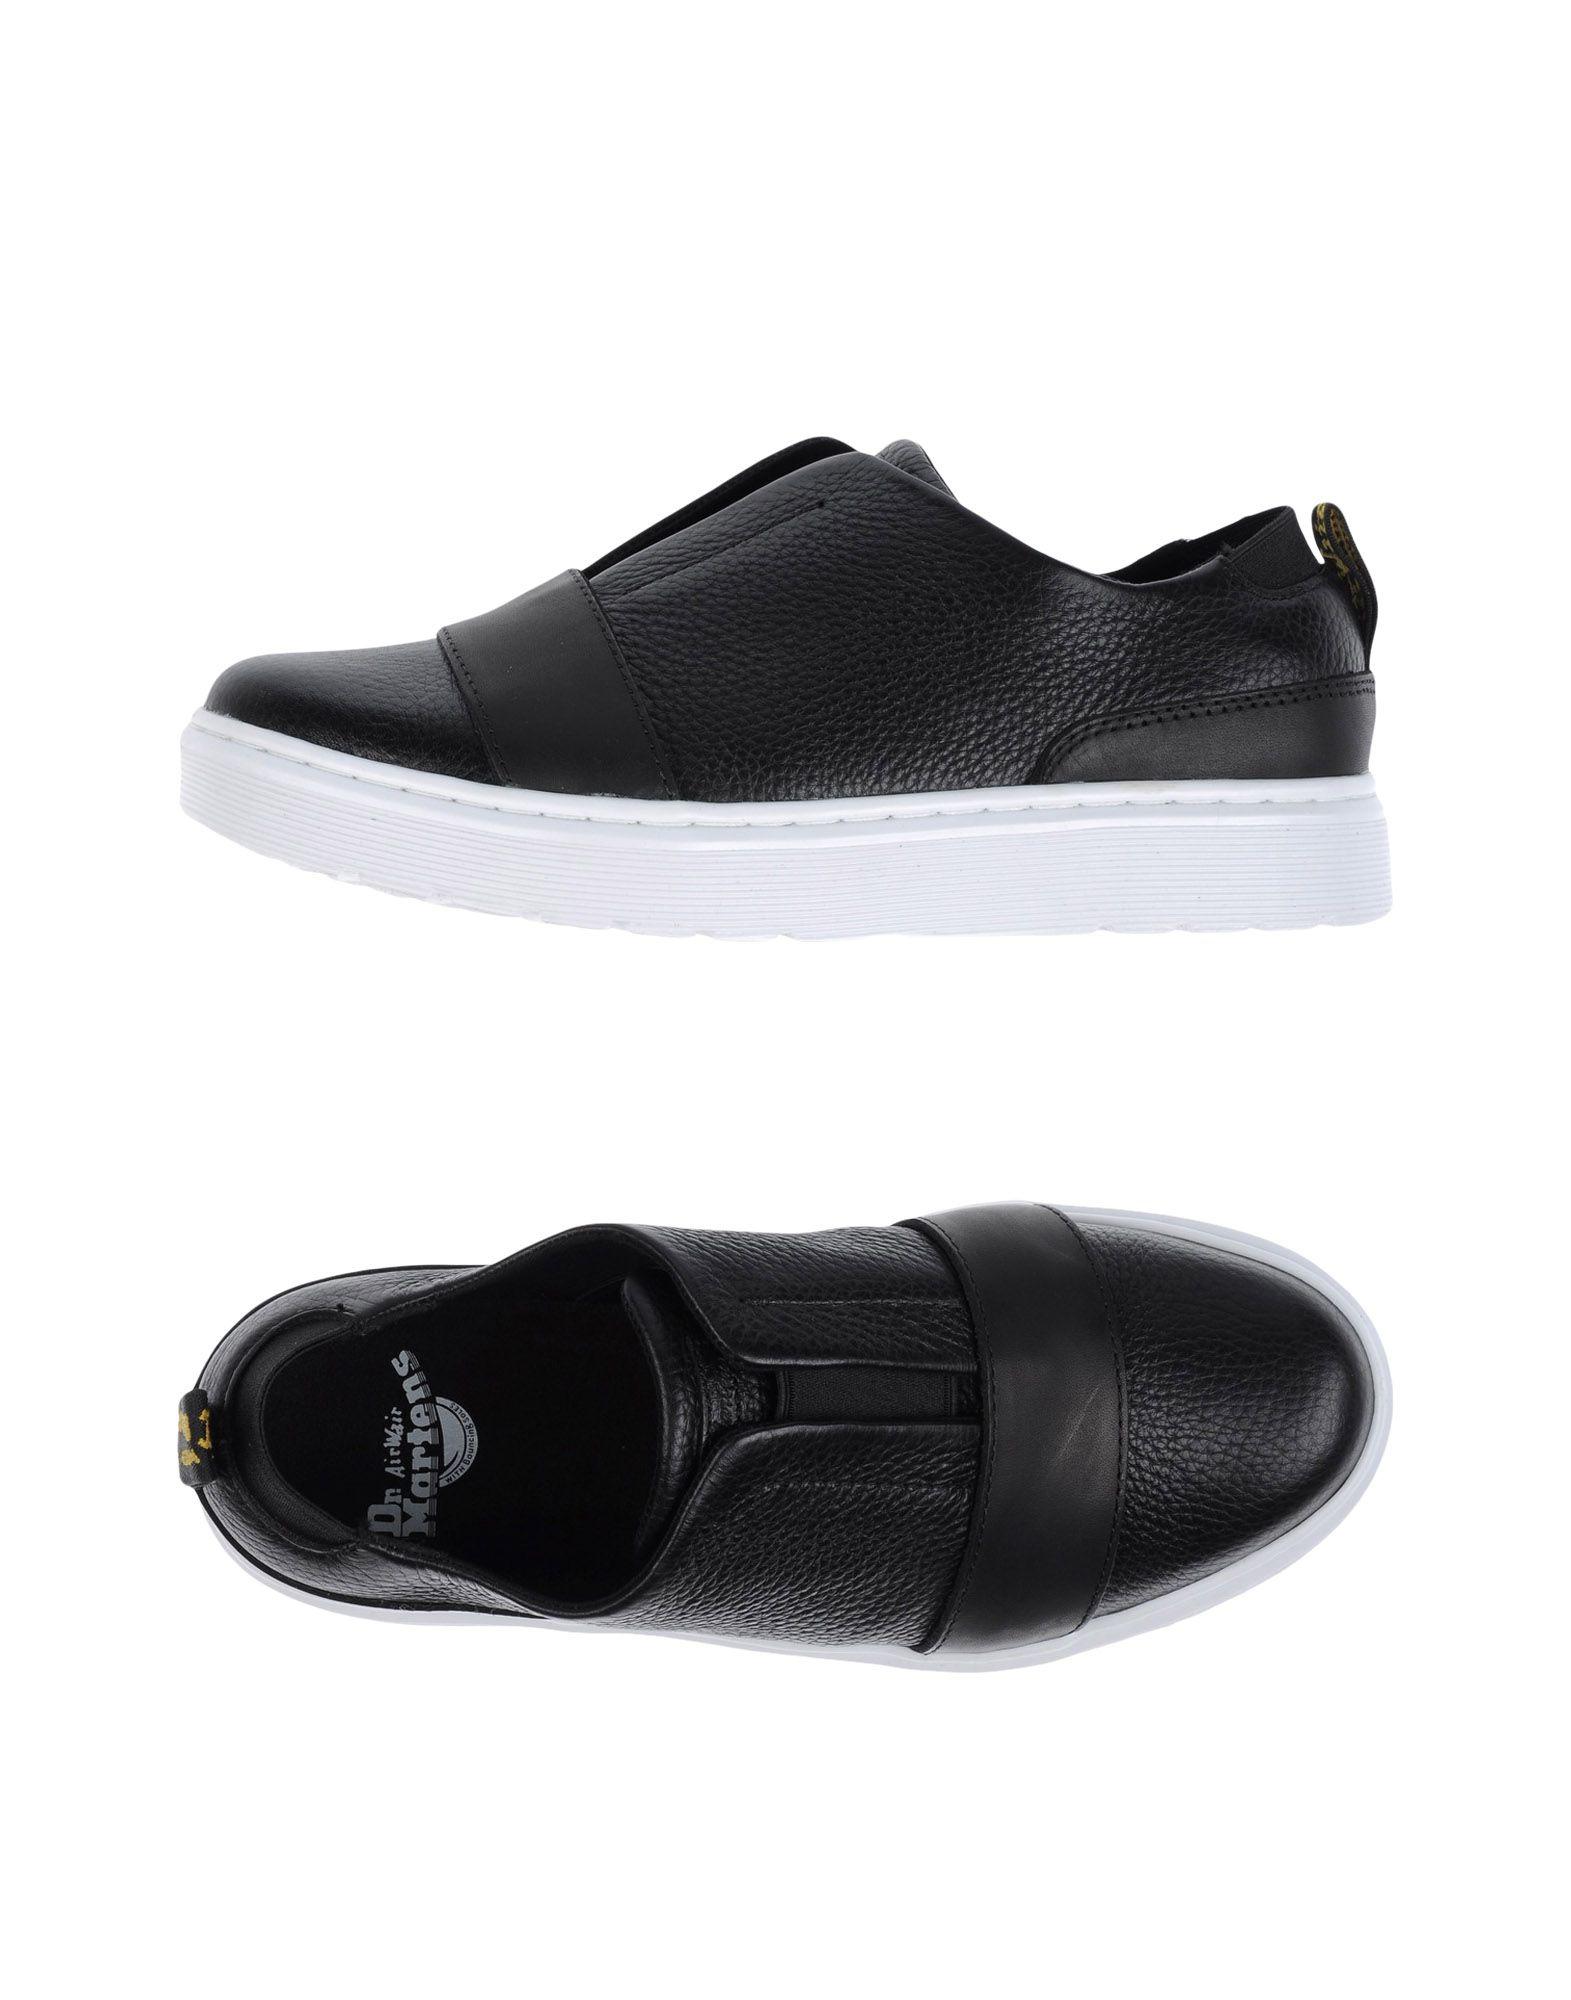 Dr. Martens Sneakers Damen beliebte  11252100US Gute Qualität beliebte Damen Schuhe 2eb5a8